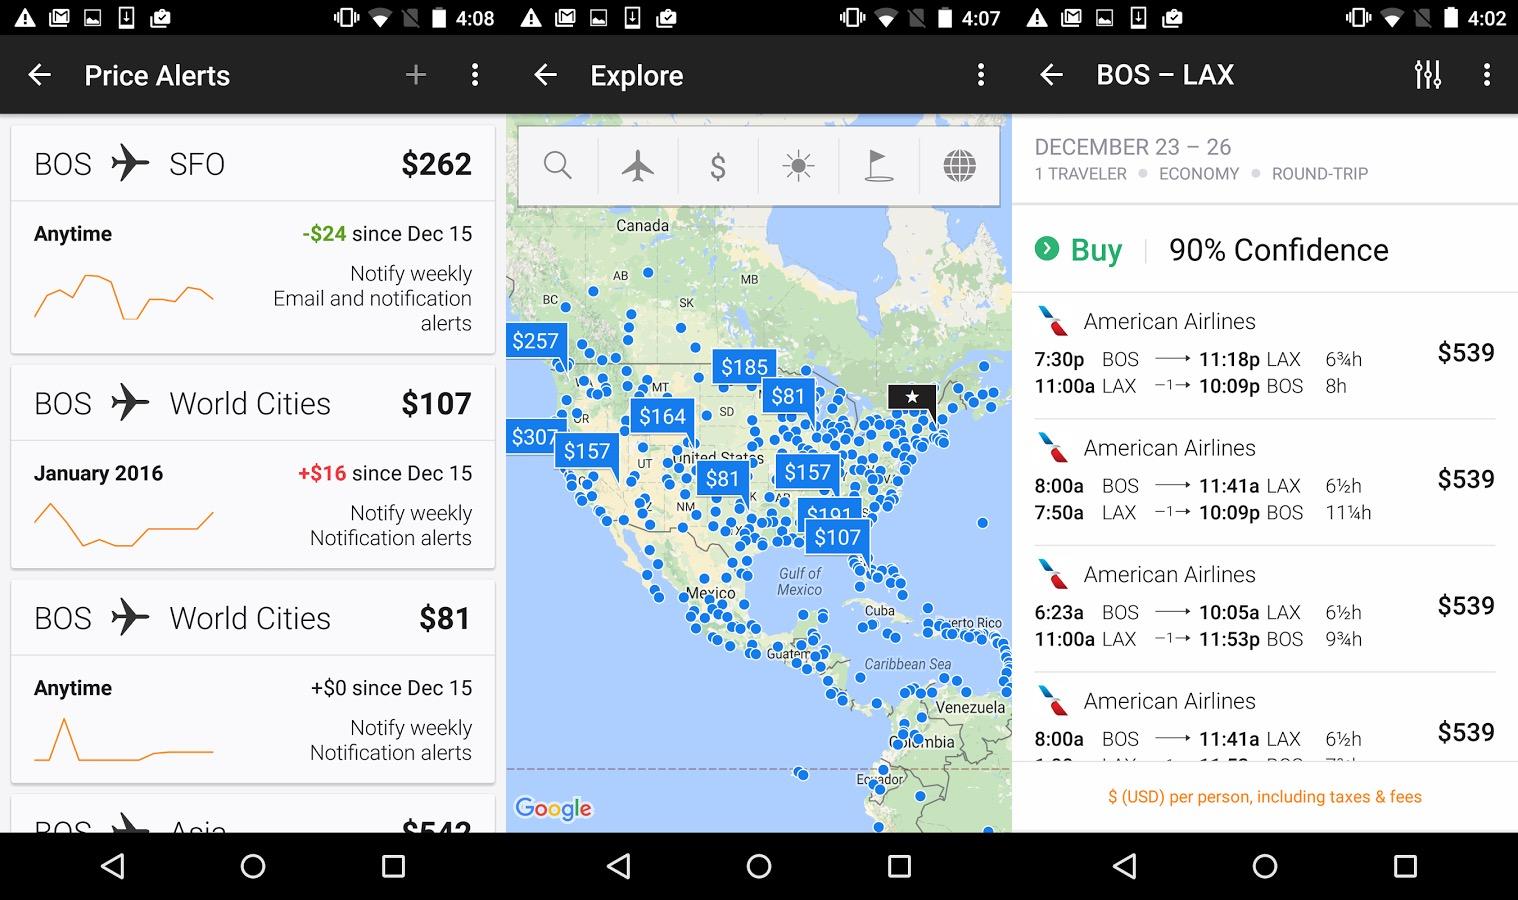 KAYAK cheap flights app